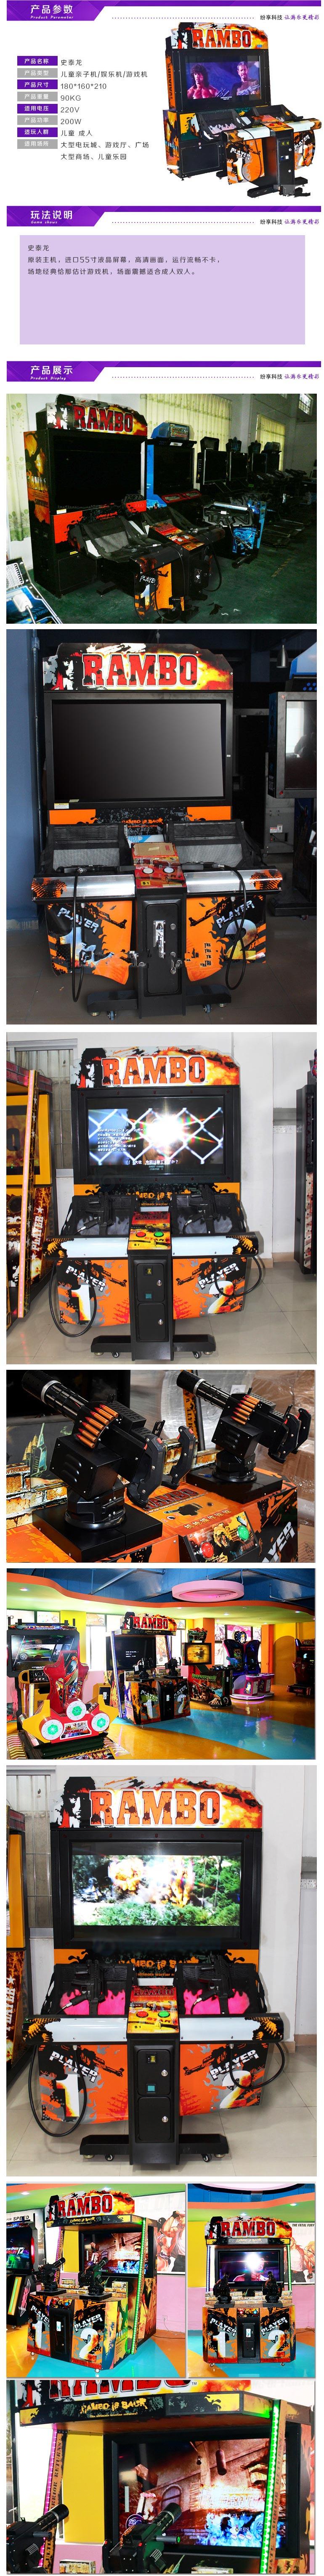 史泰龙模拟游戏机